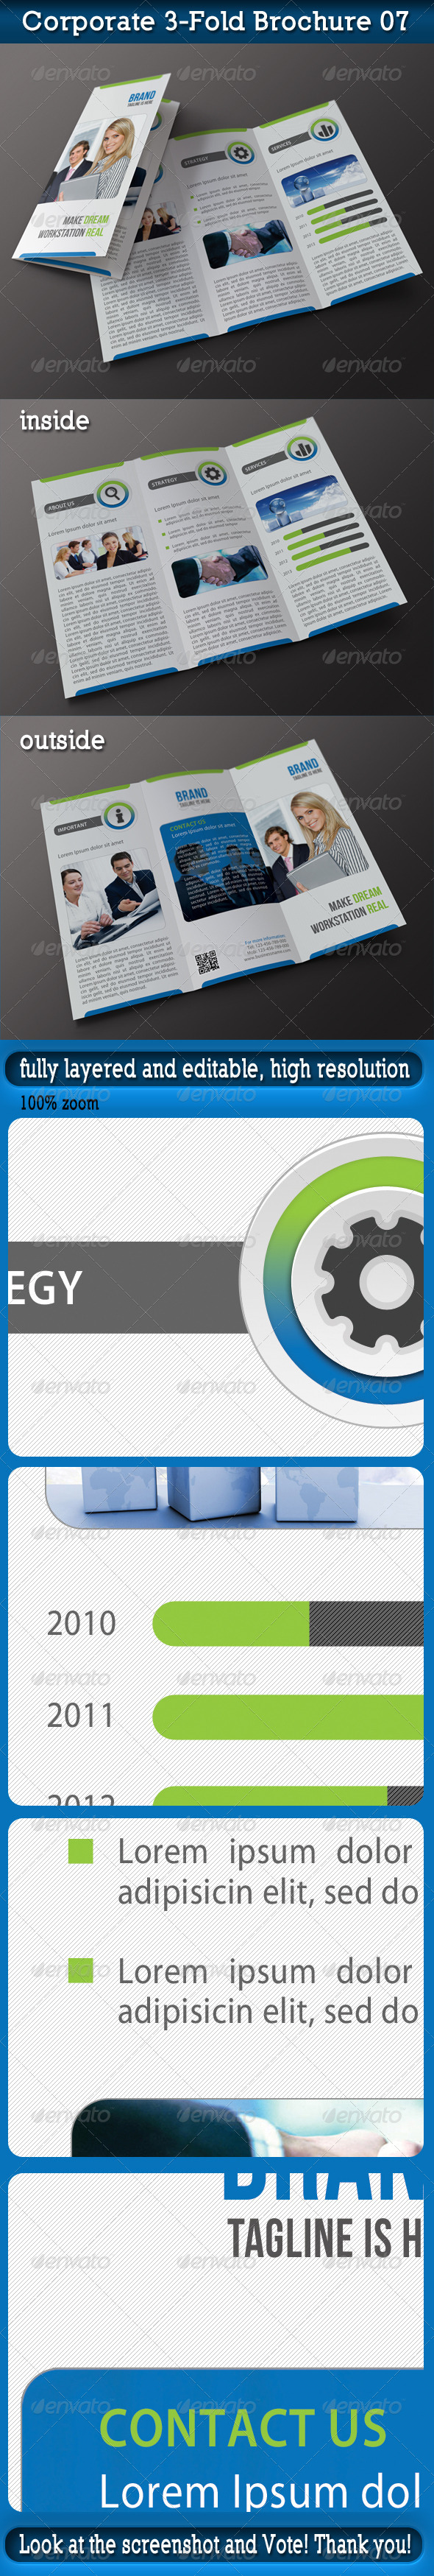 GraphicRiver Corporate 3-Fold Brochure 07 4991025